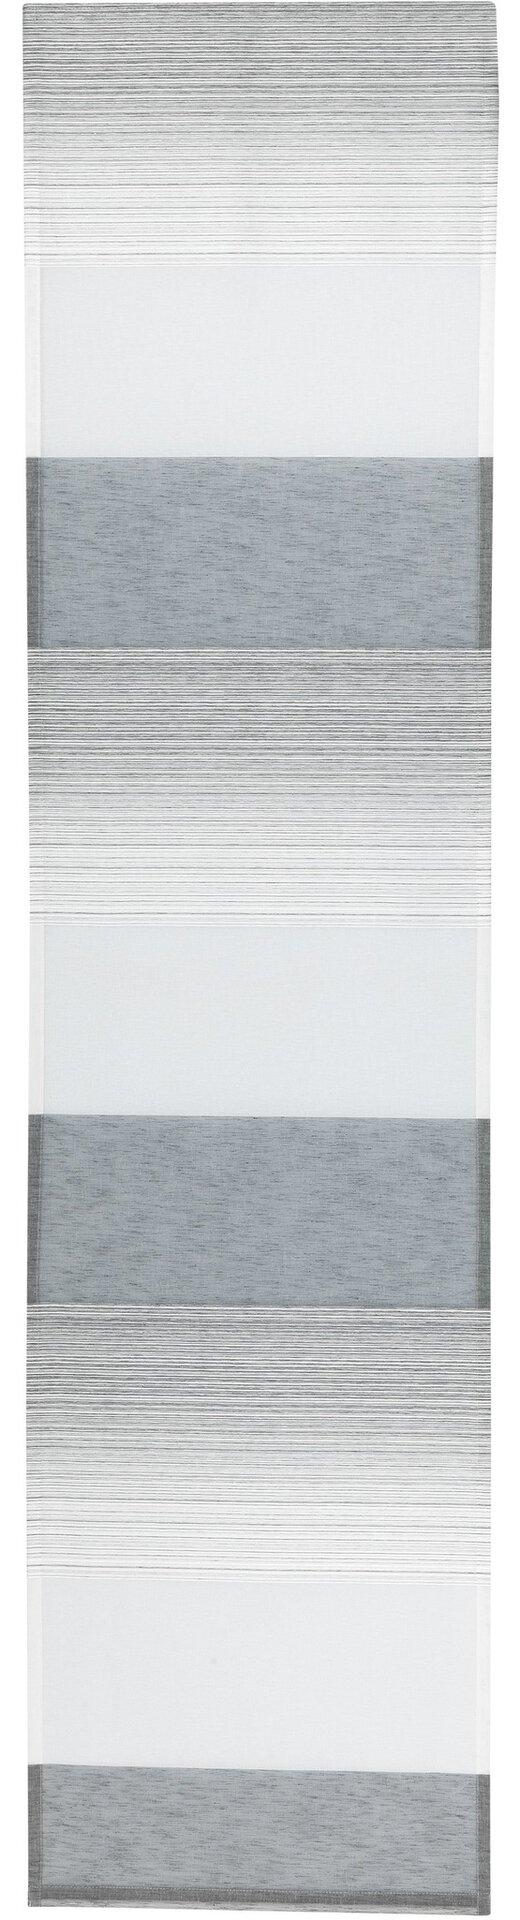 Flächenvorhang Viano Ambiente Trendlife Textil 60 x 245 cm